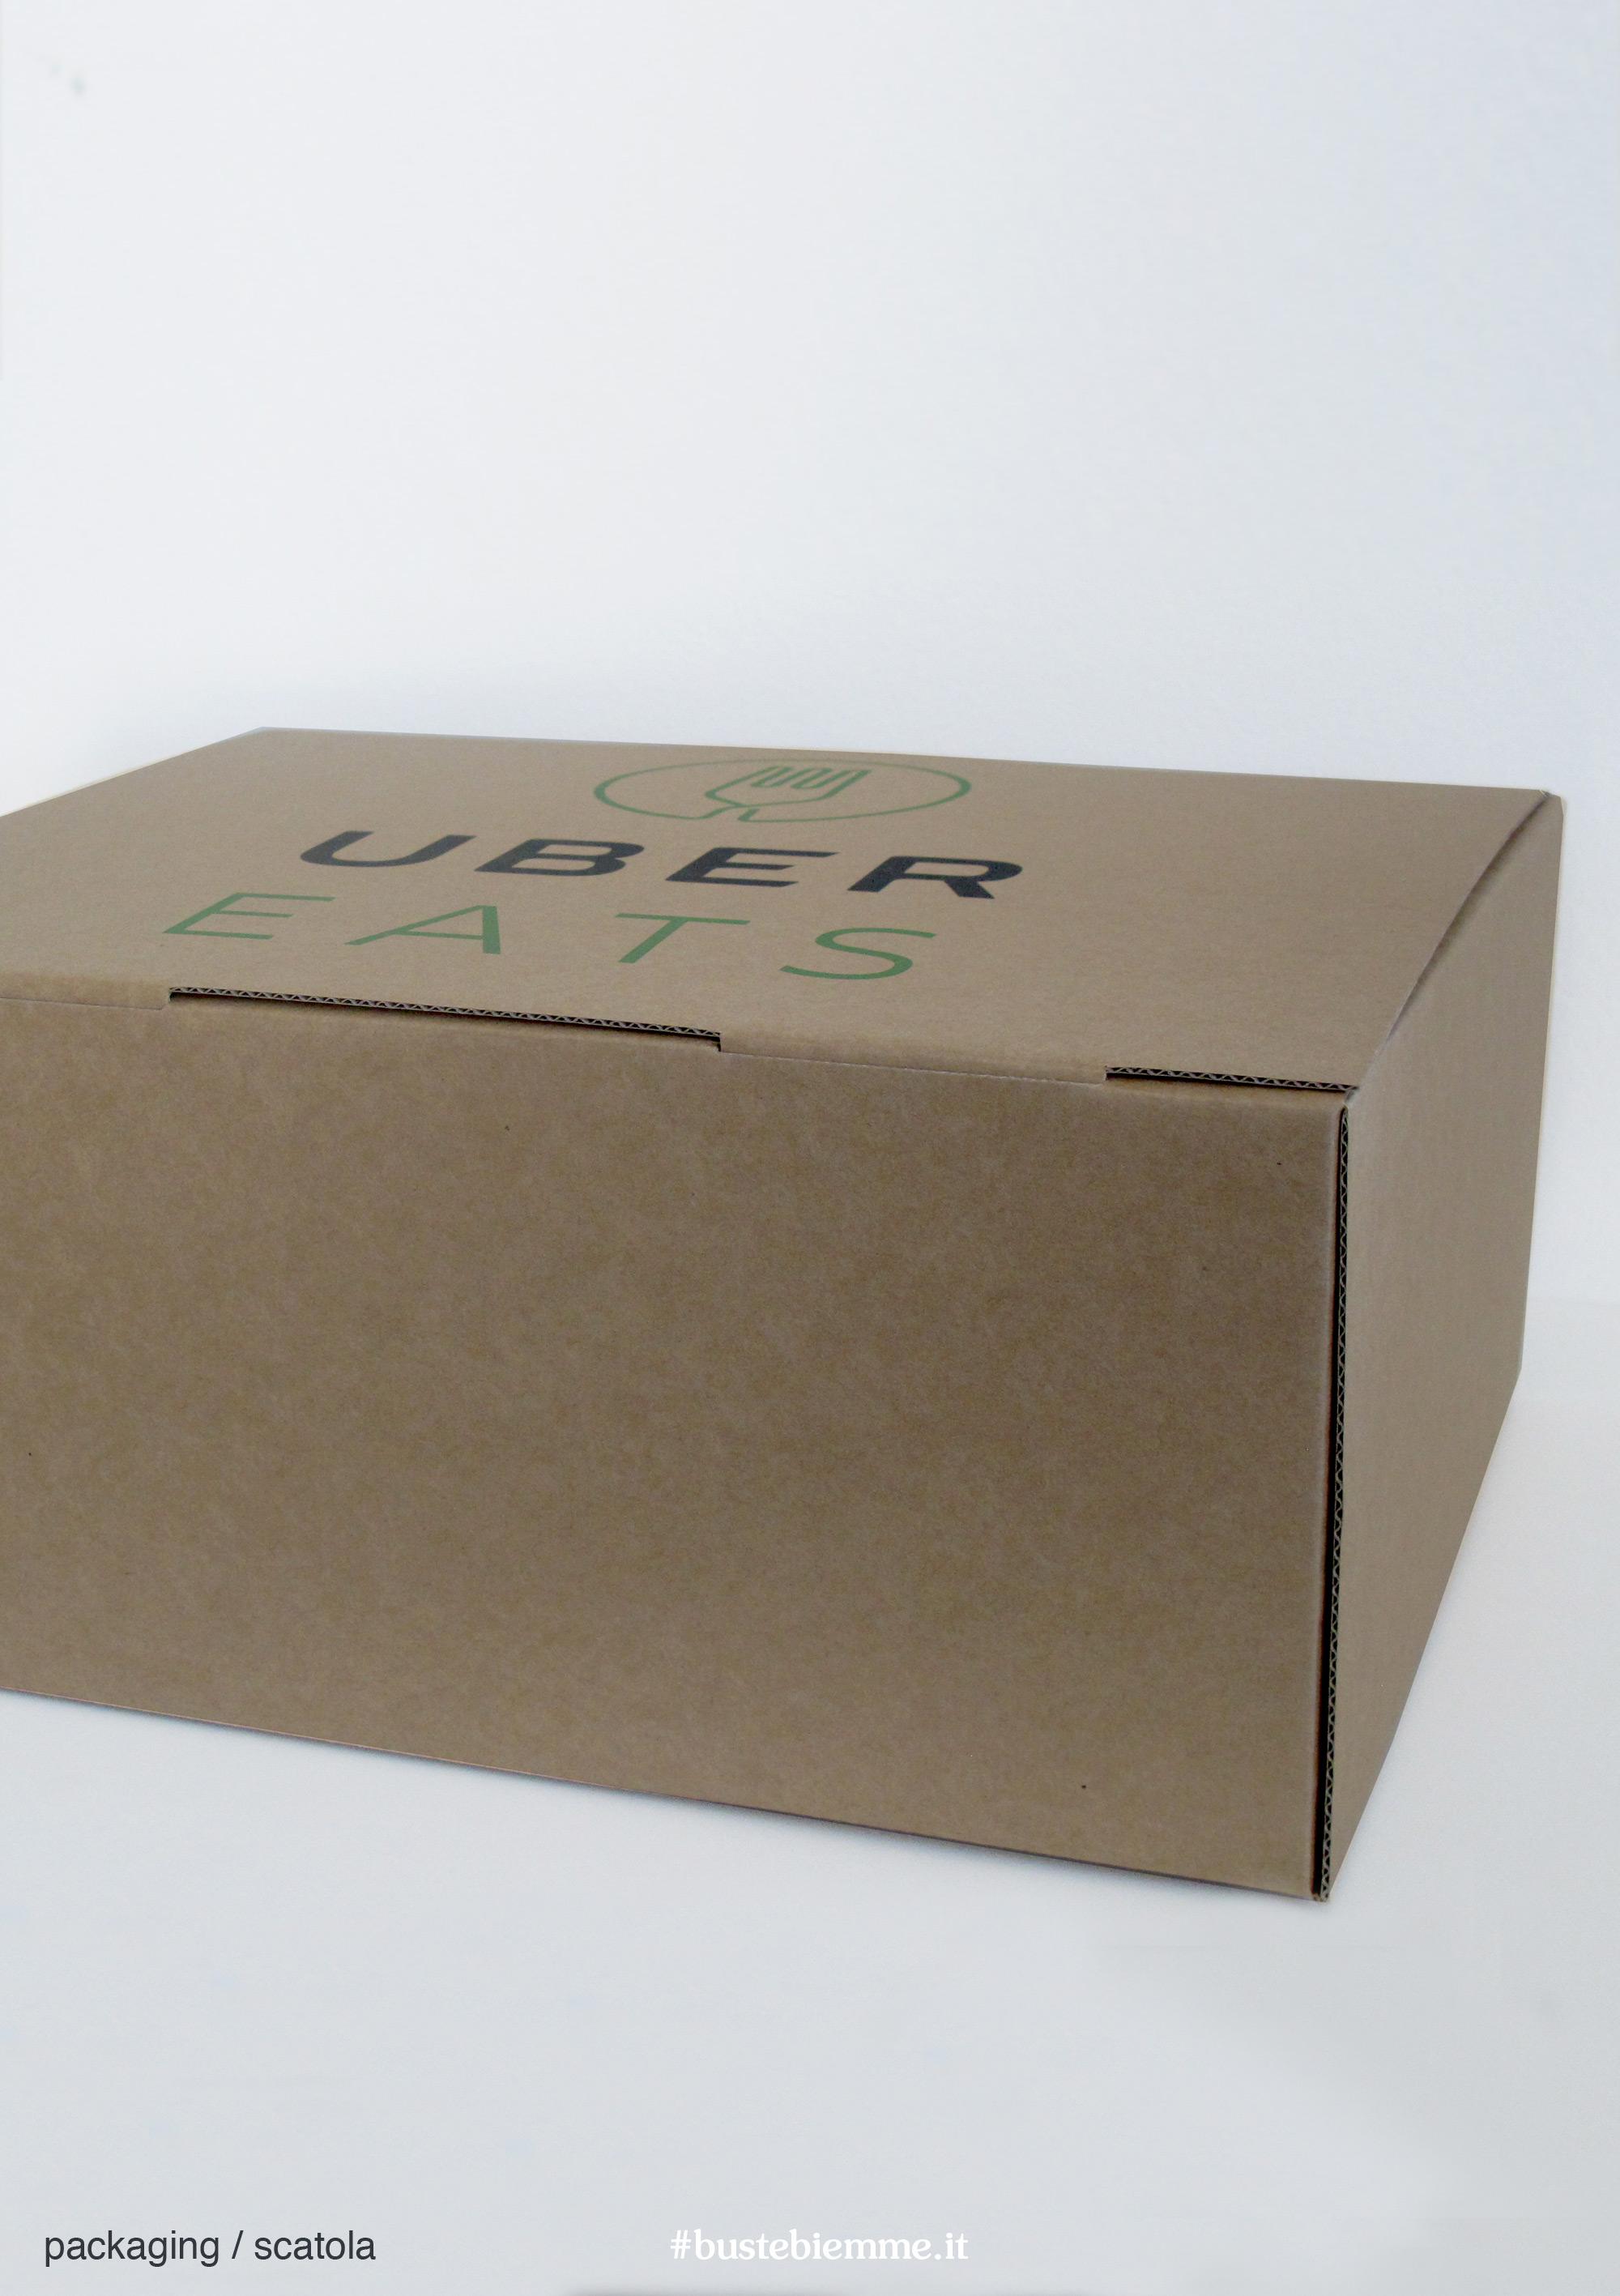 scatola automontante in cartoncino teso personalizzata con chiusura a libro